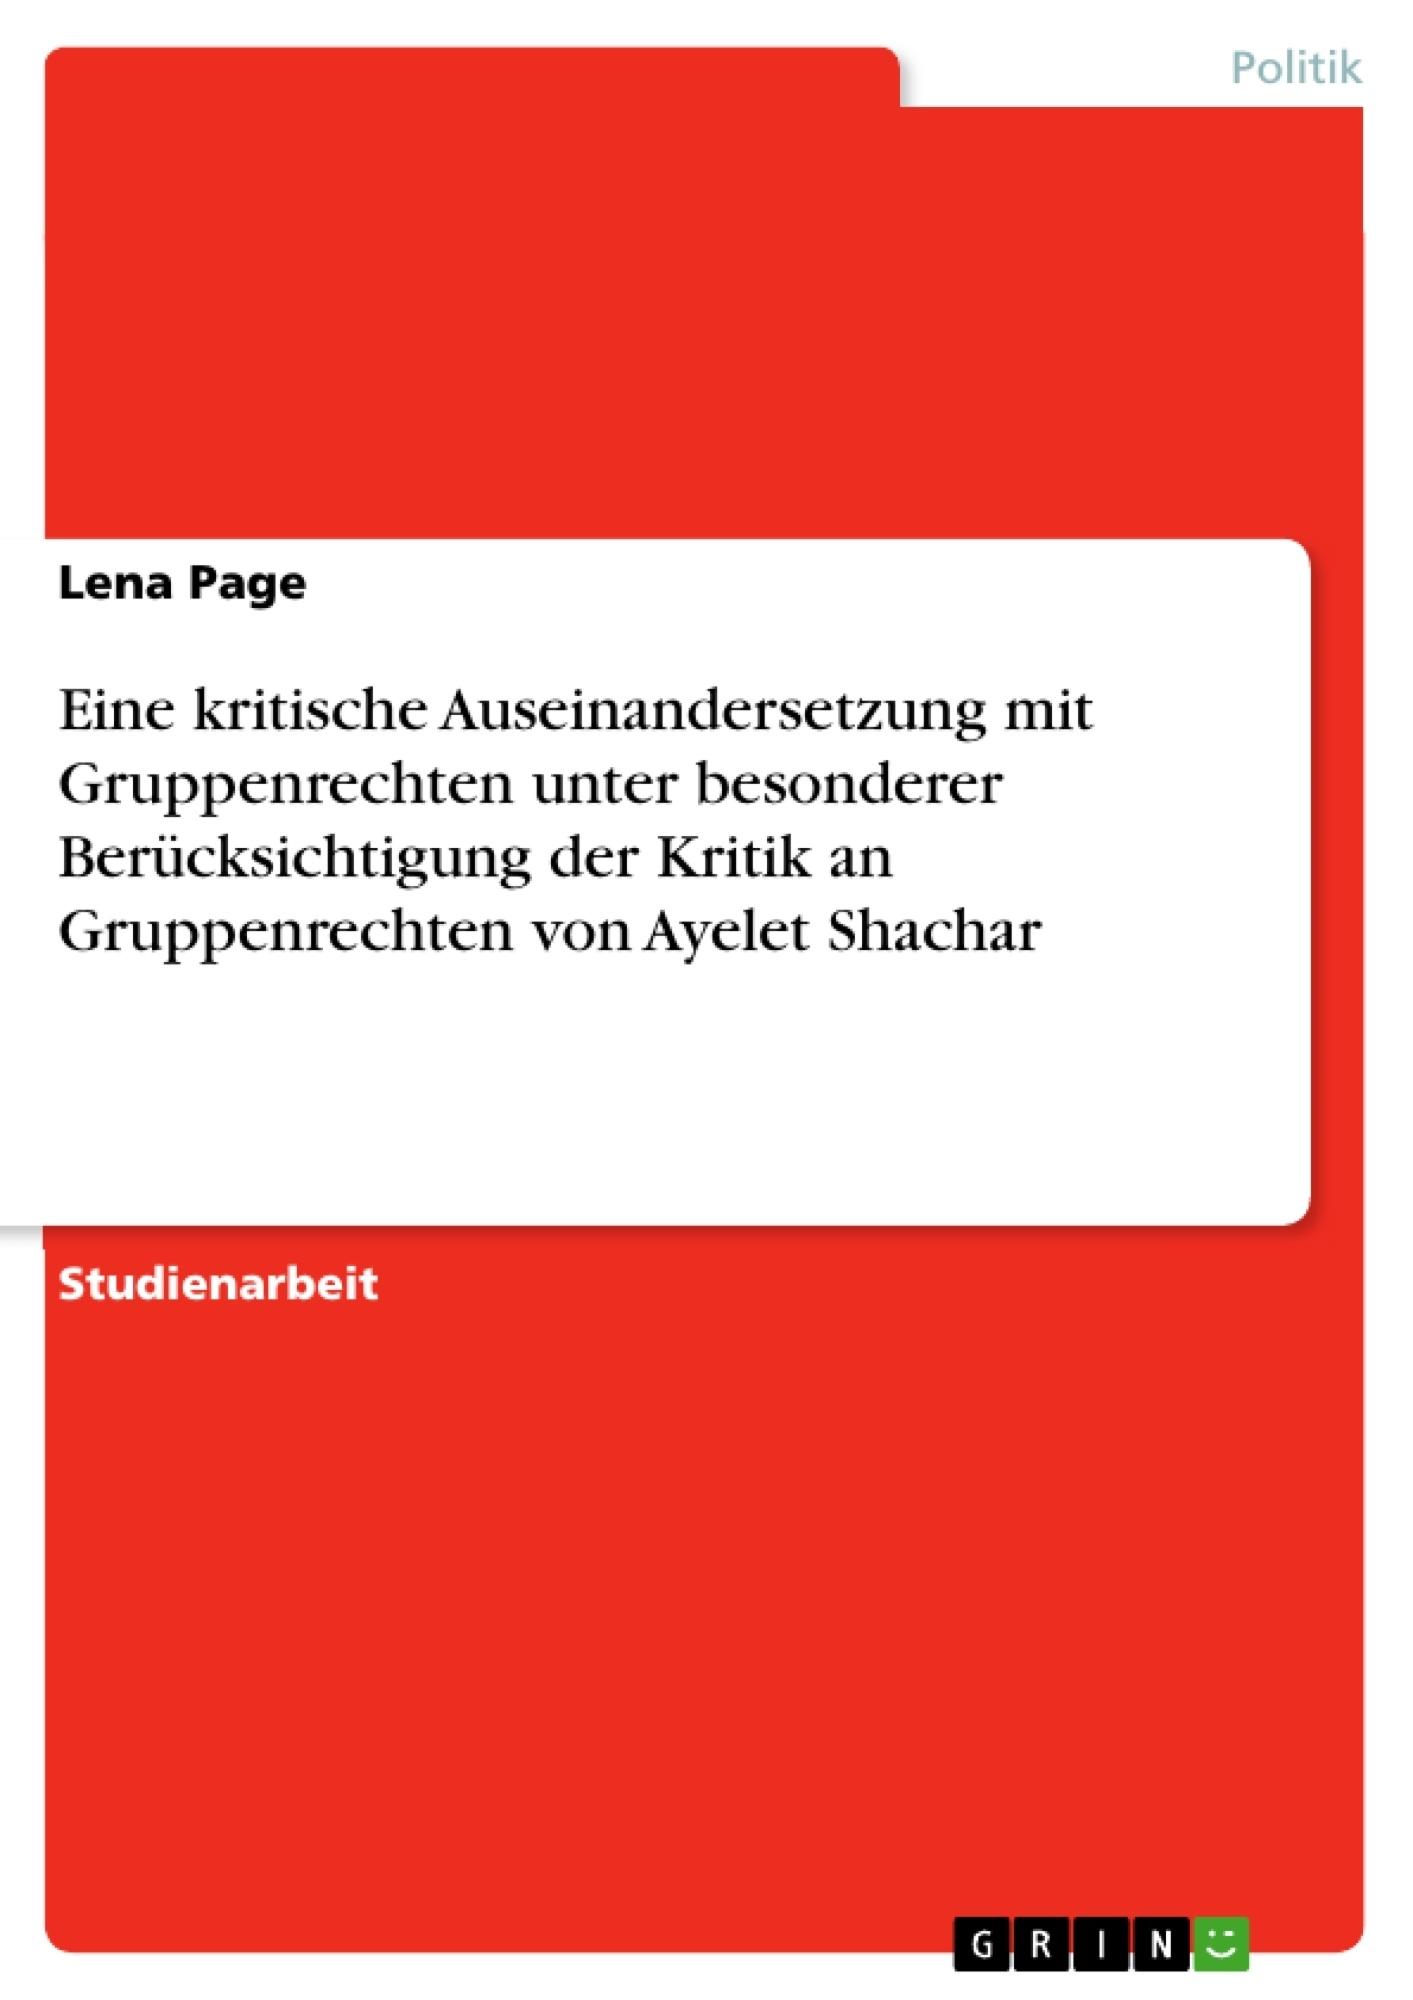 Titel: Eine kritische Auseinandersetzung mit Gruppenrechten unter besonderer Berücksichtigung der Kritik an Gruppenrechten von Ayelet Shachar